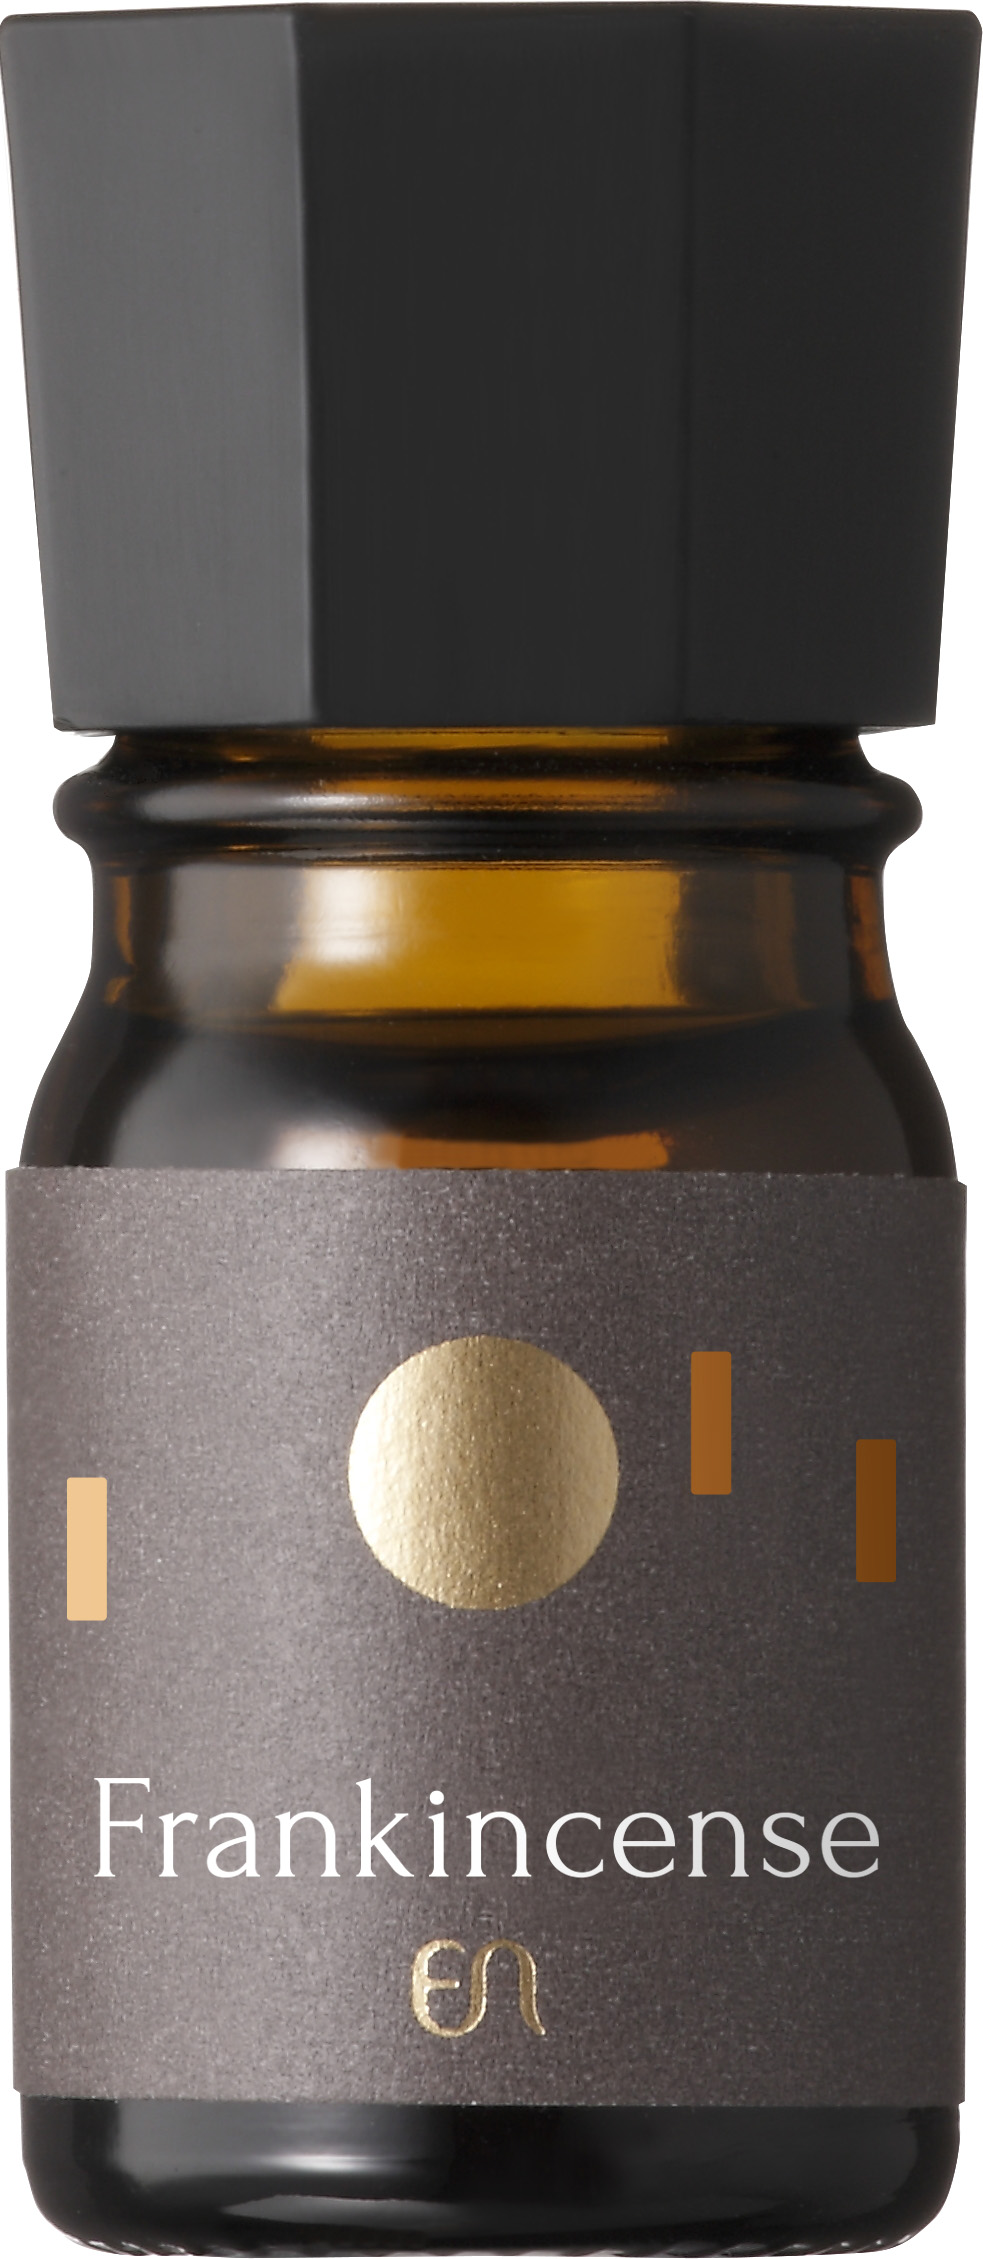 Francincense